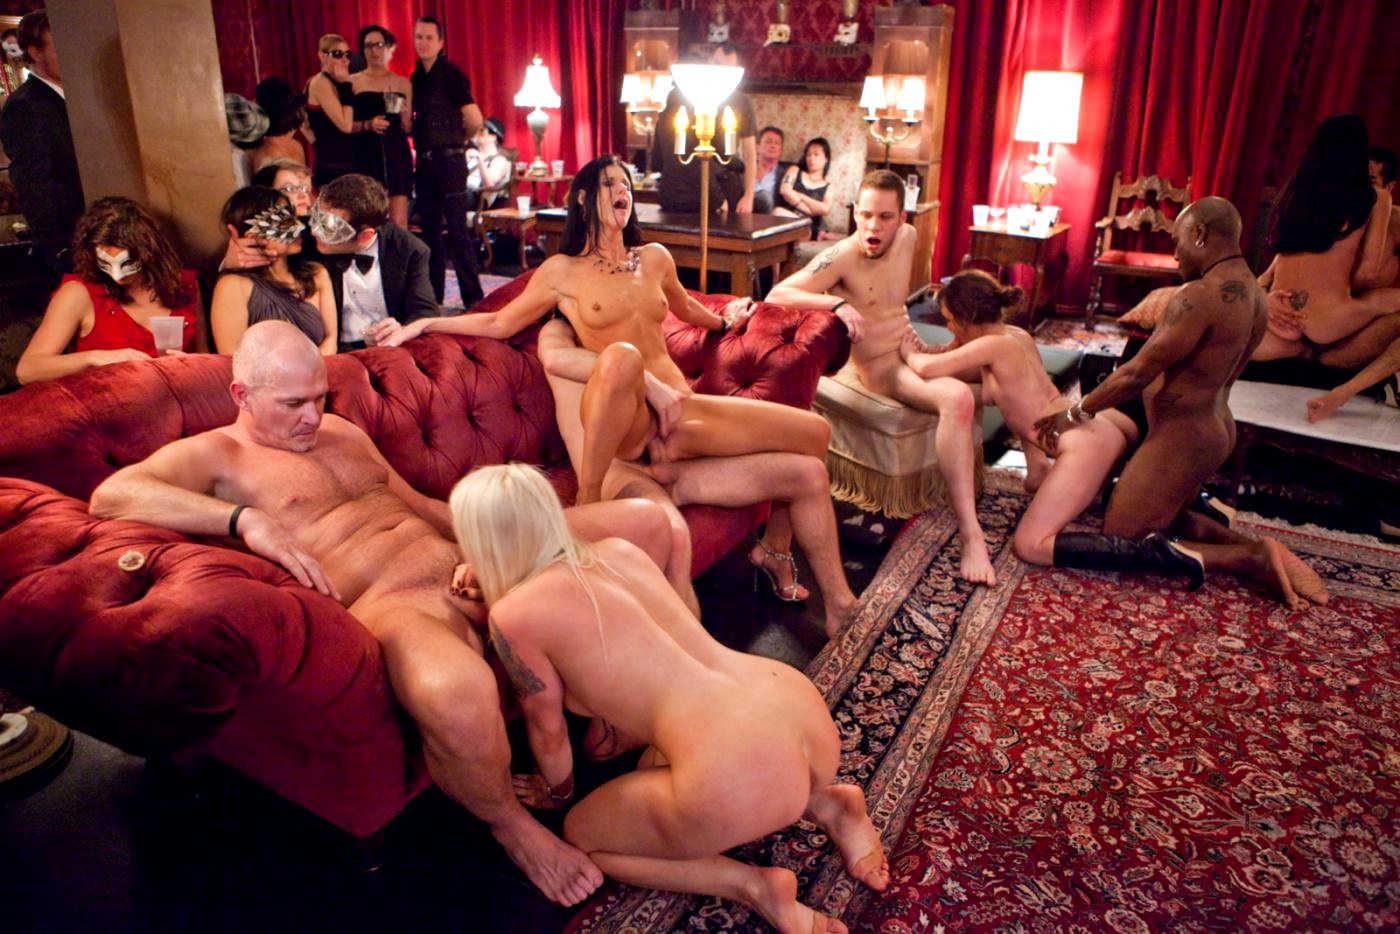 русские свинг вечеринки порно онлайн нашлись защитники